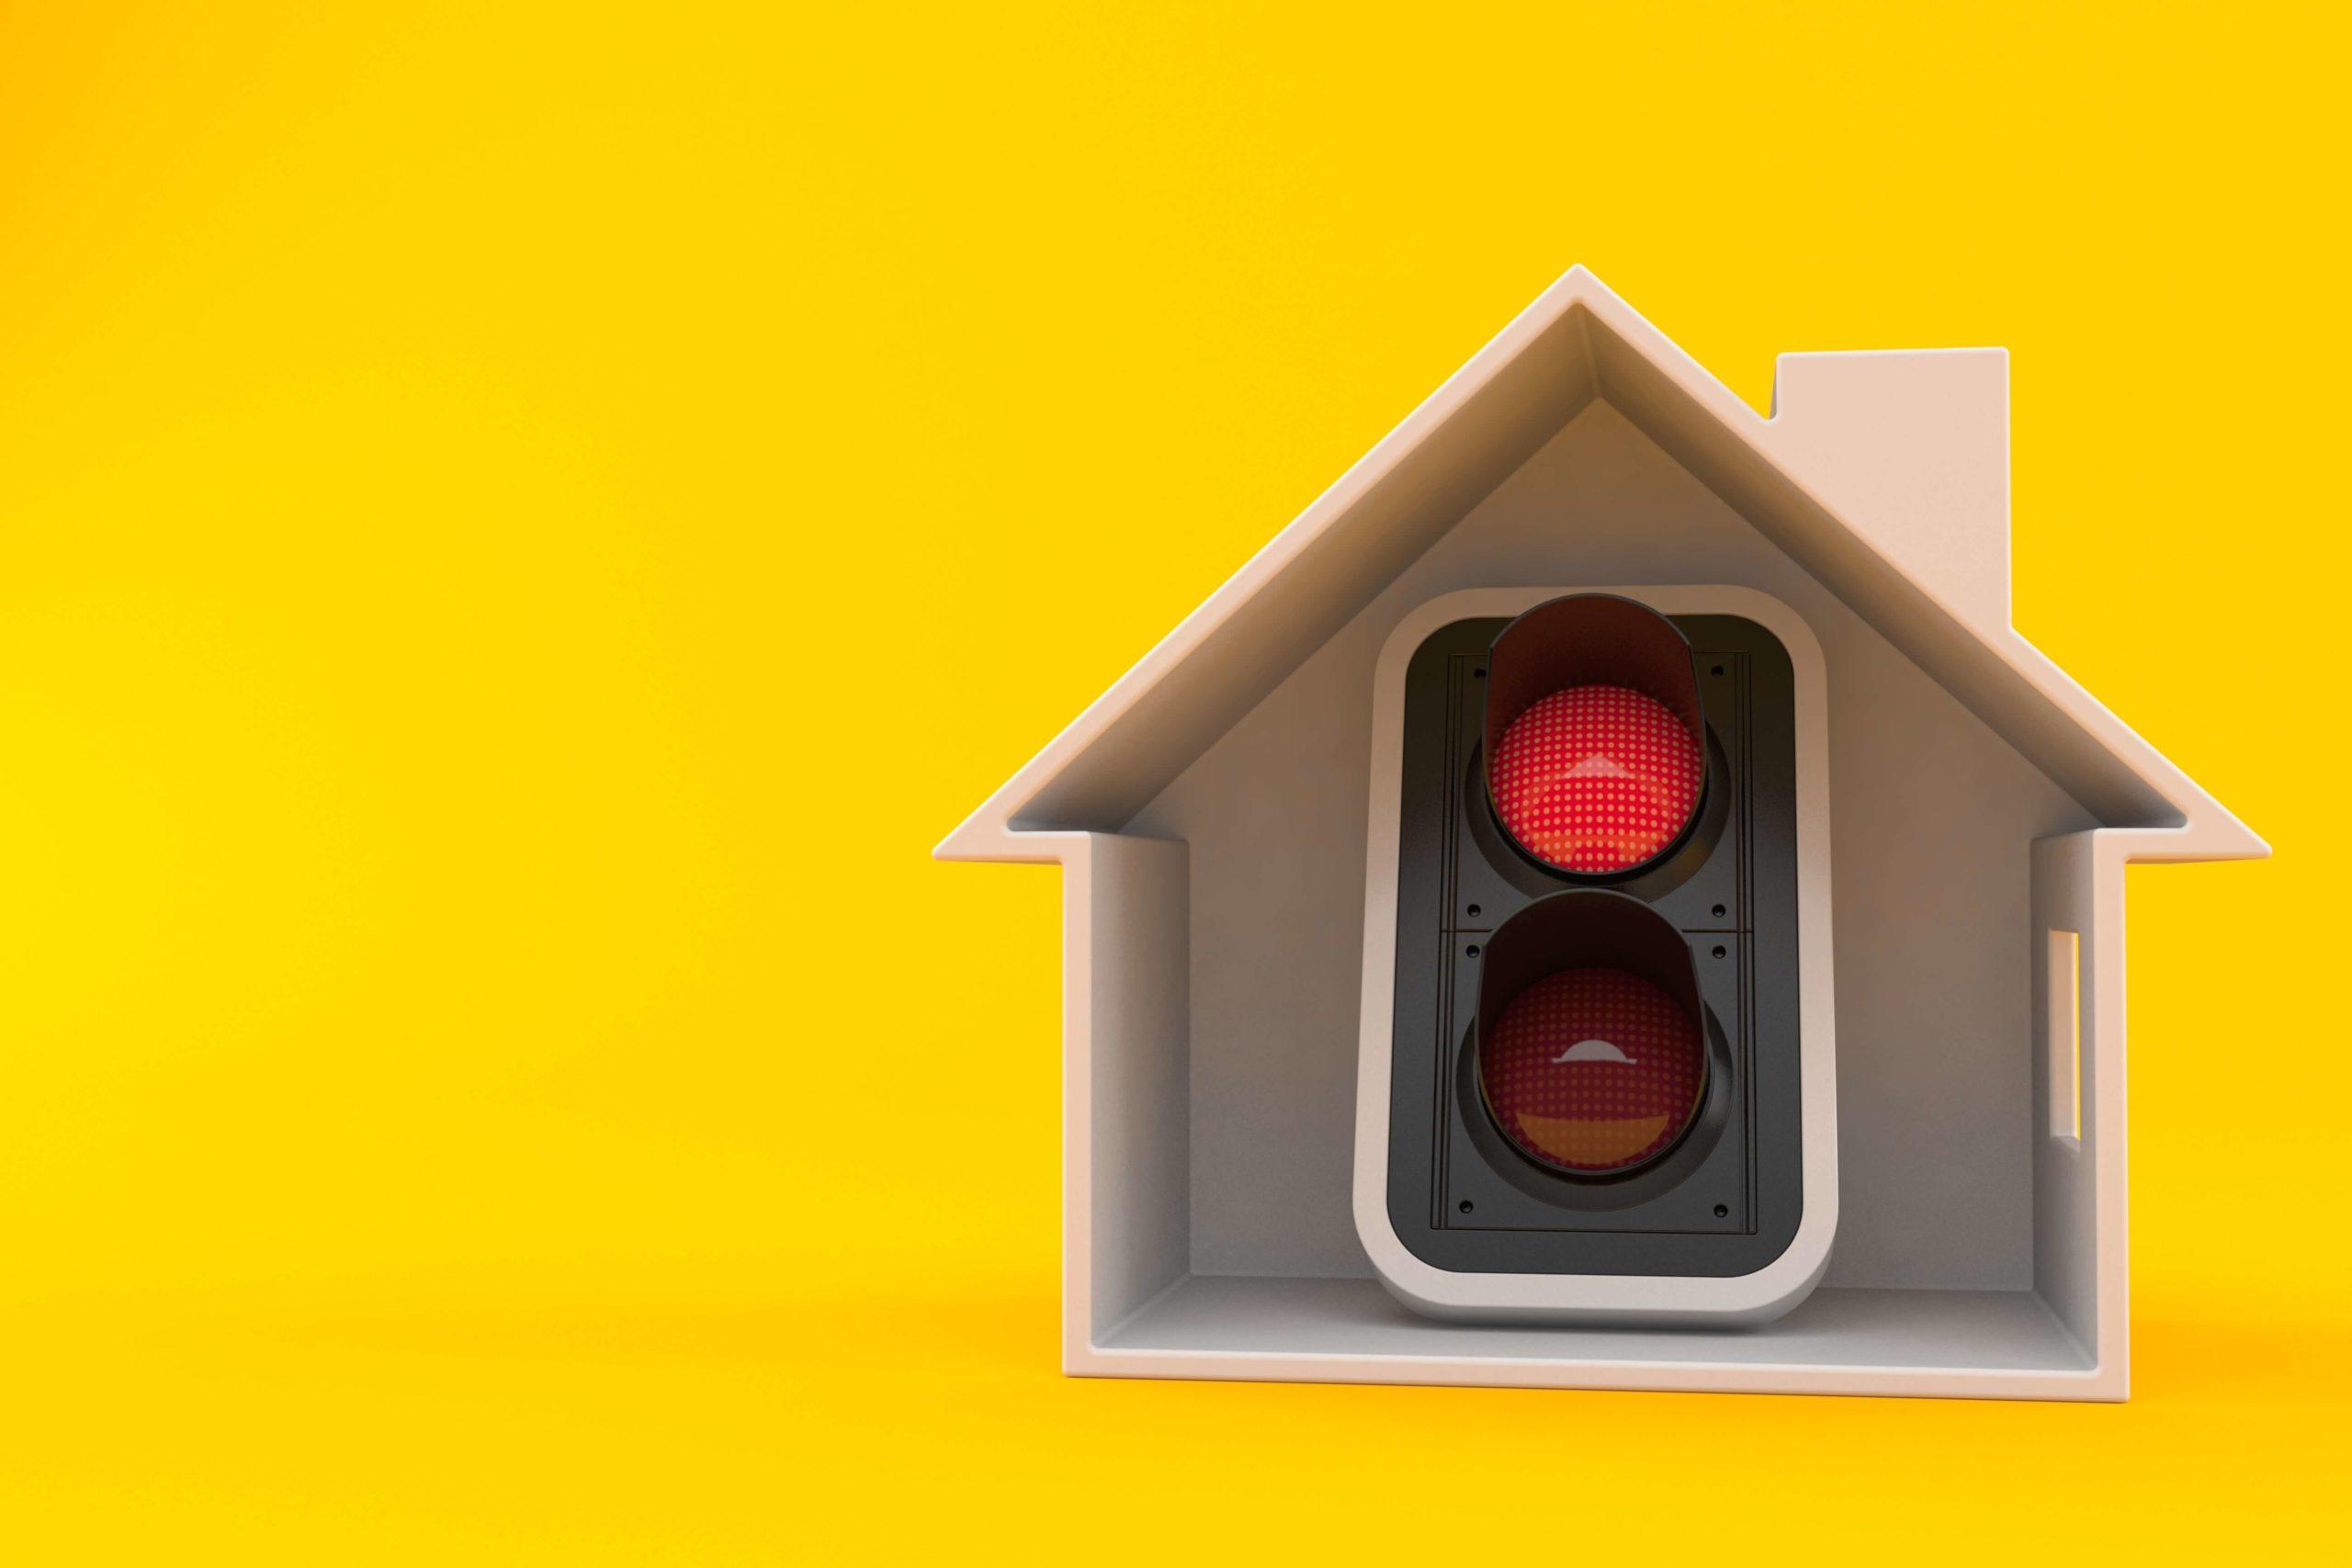 Huis verhuren regels Huurwoningdesk